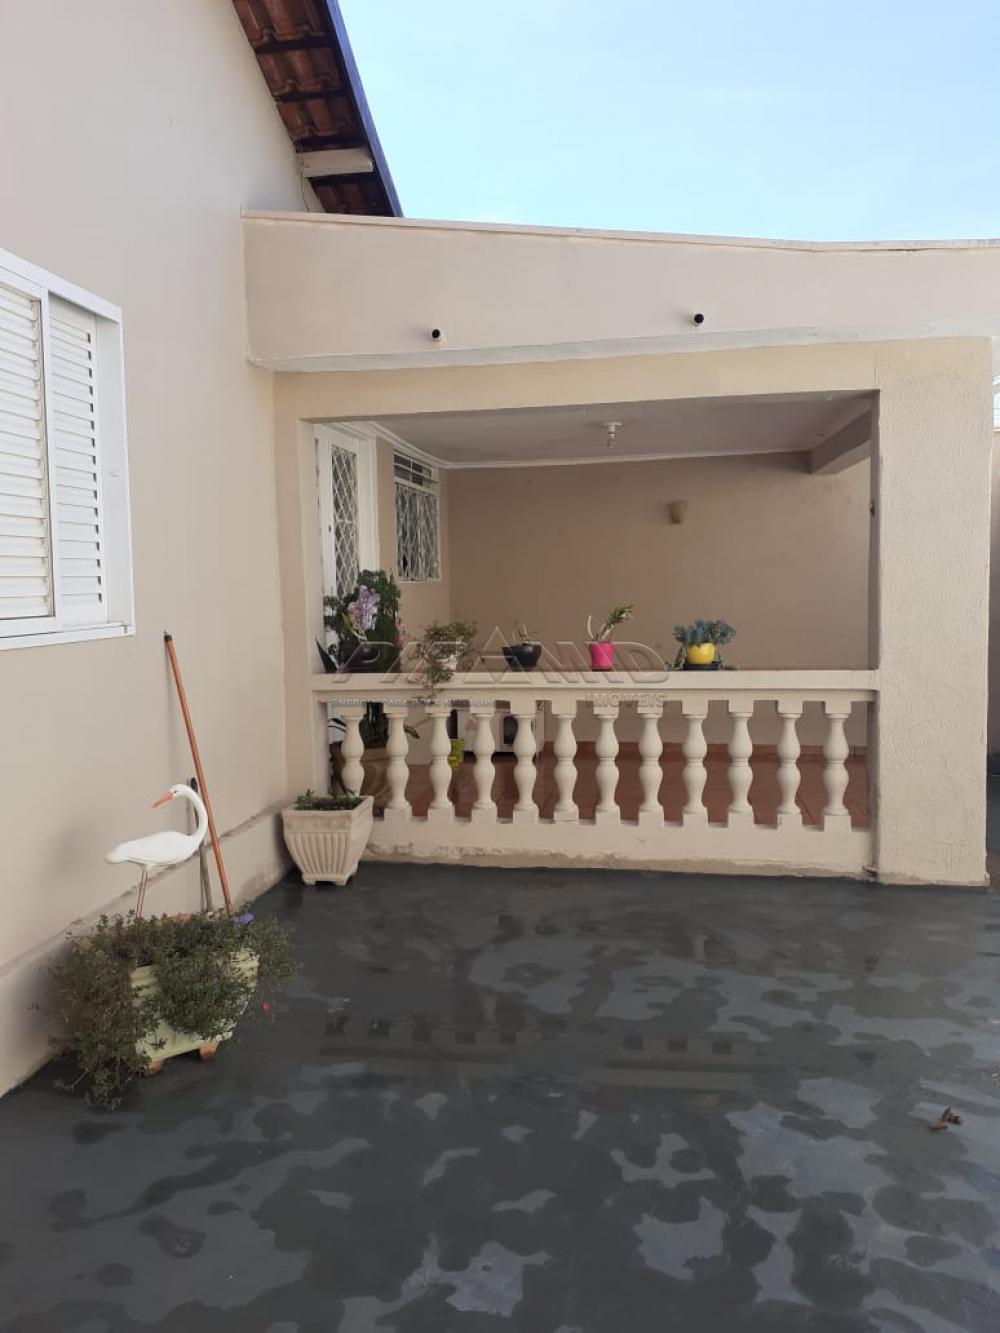 Comprar Casa / Padrão em Ribeirão Preto apenas R$ 315.000,00 - Foto 5